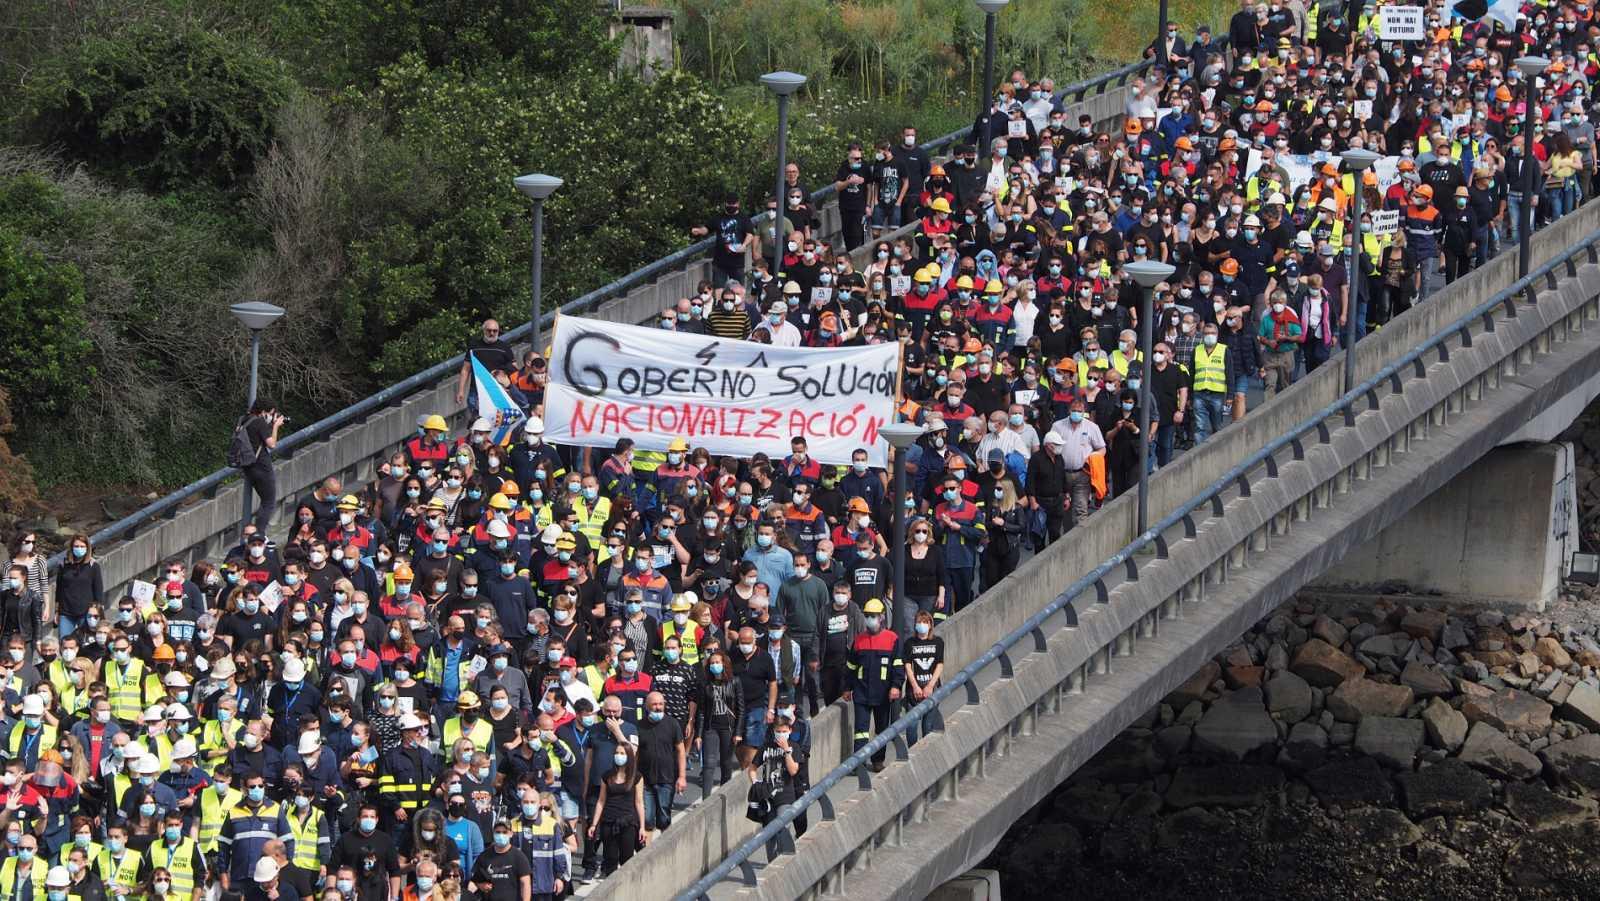 Vídeo: Decenas de miles de personas vuelven a manifestarse para exigir soluciones para Alcoa